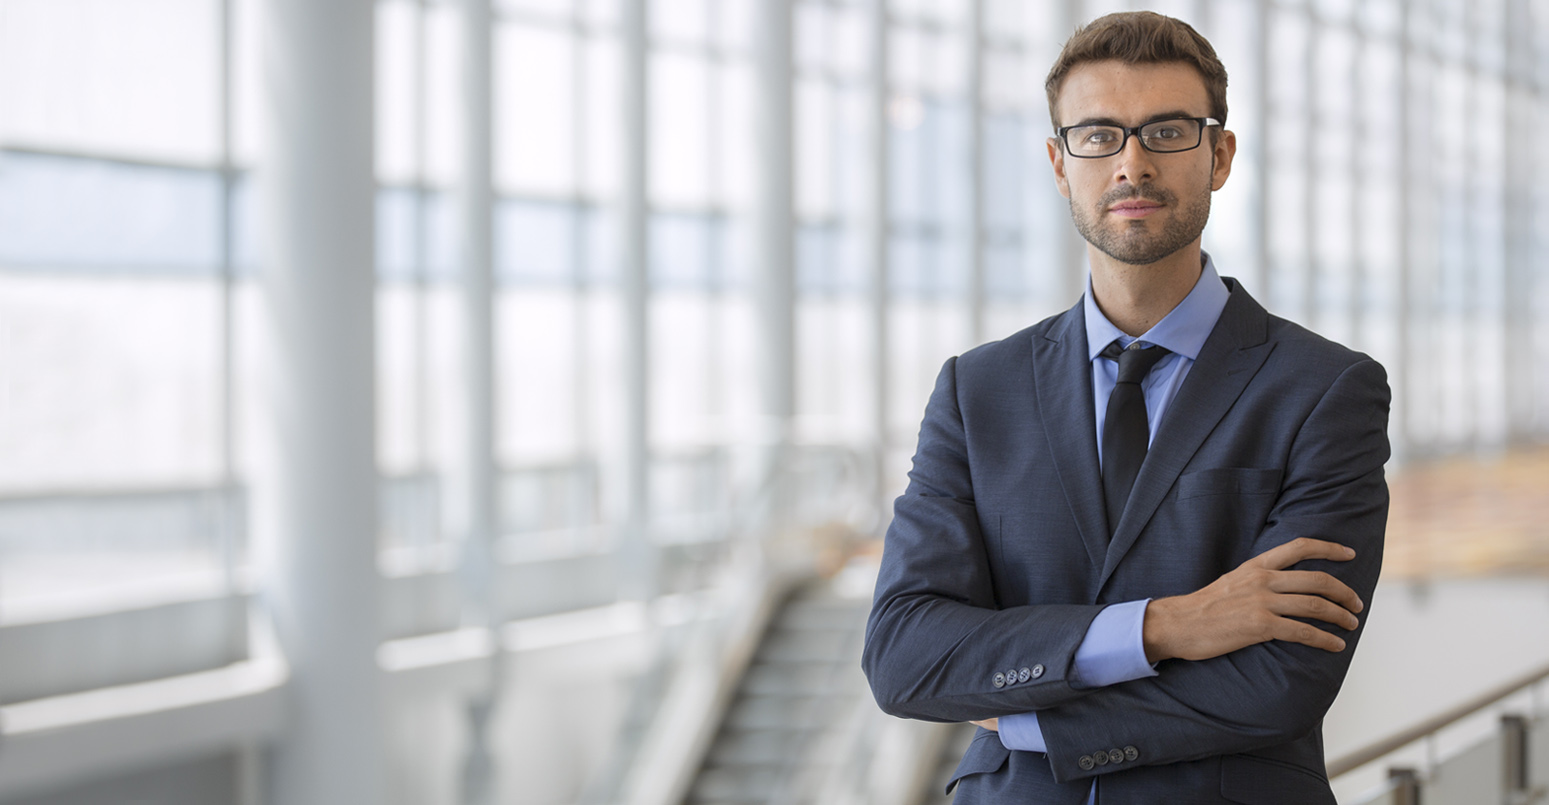 Posgrados para ejecutivos